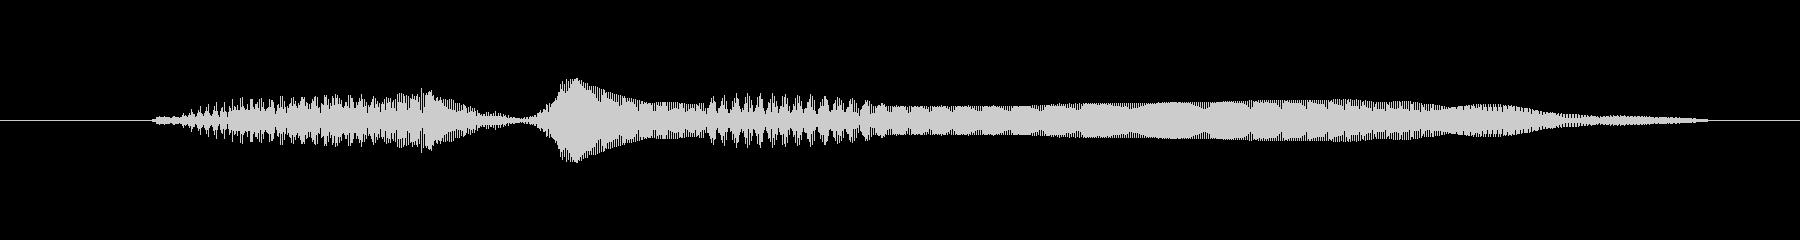 ドワーフ 応援W湖09の未再生の波形